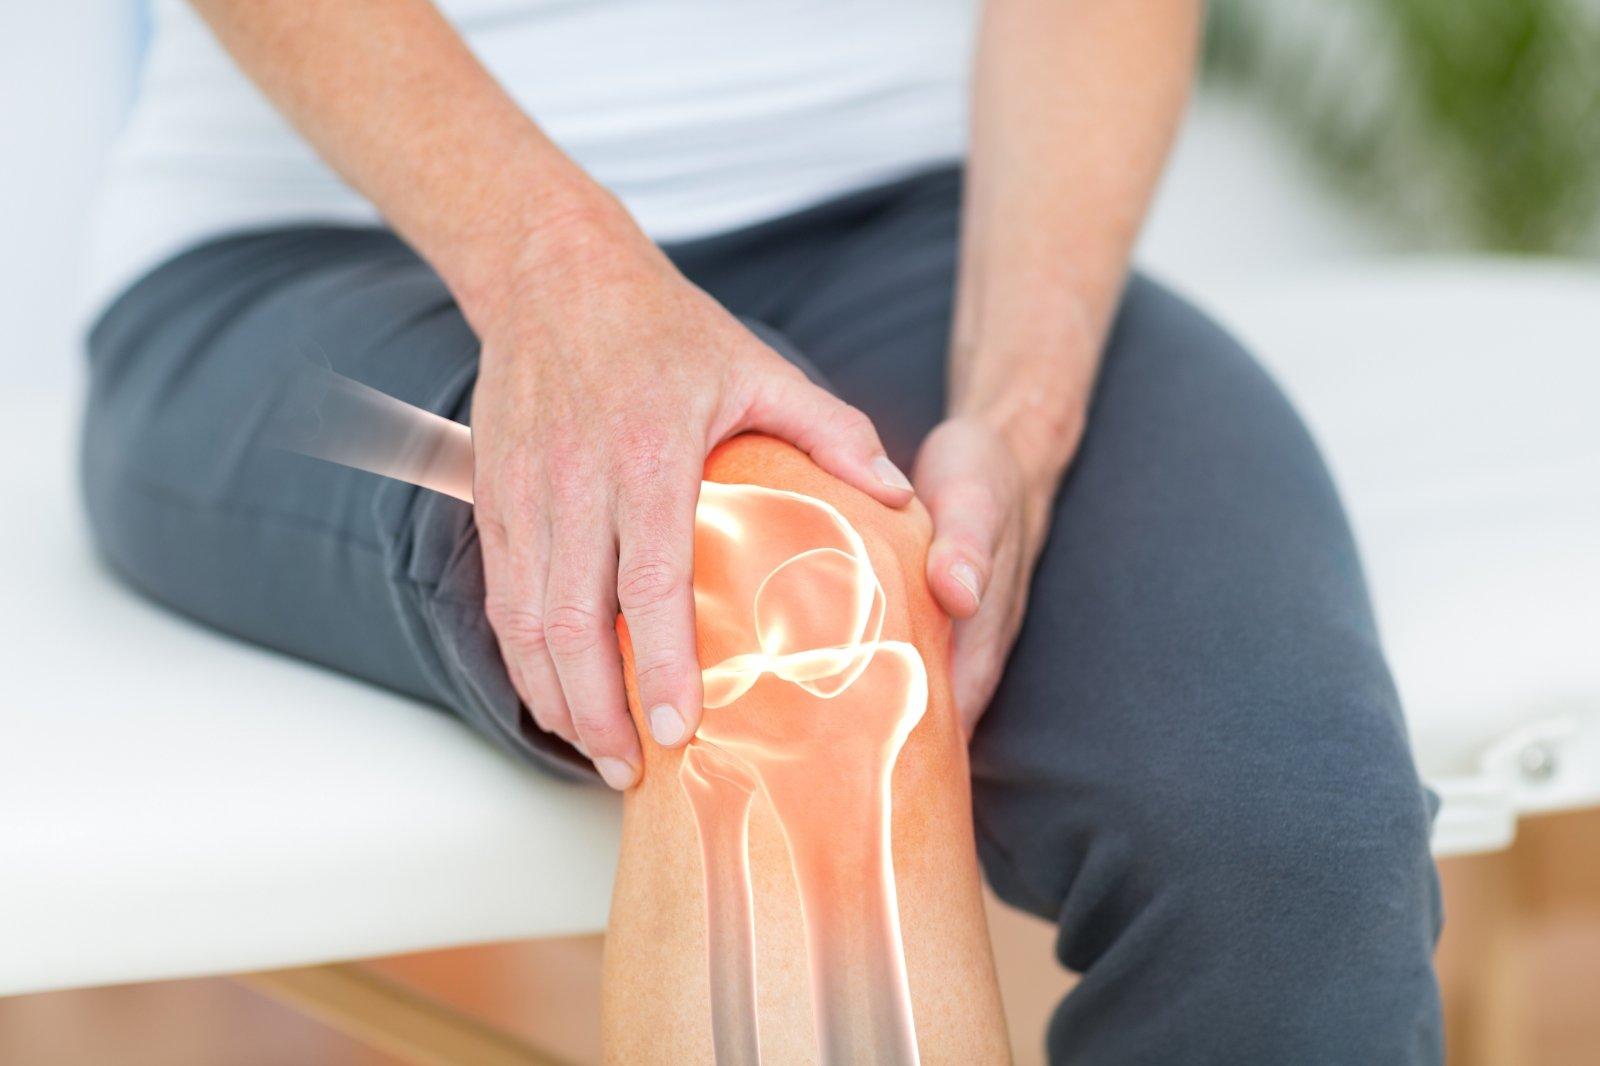 į ką kreiptis jei alkūnės sąnario skauda osteochondrozė paveikia sąnarius